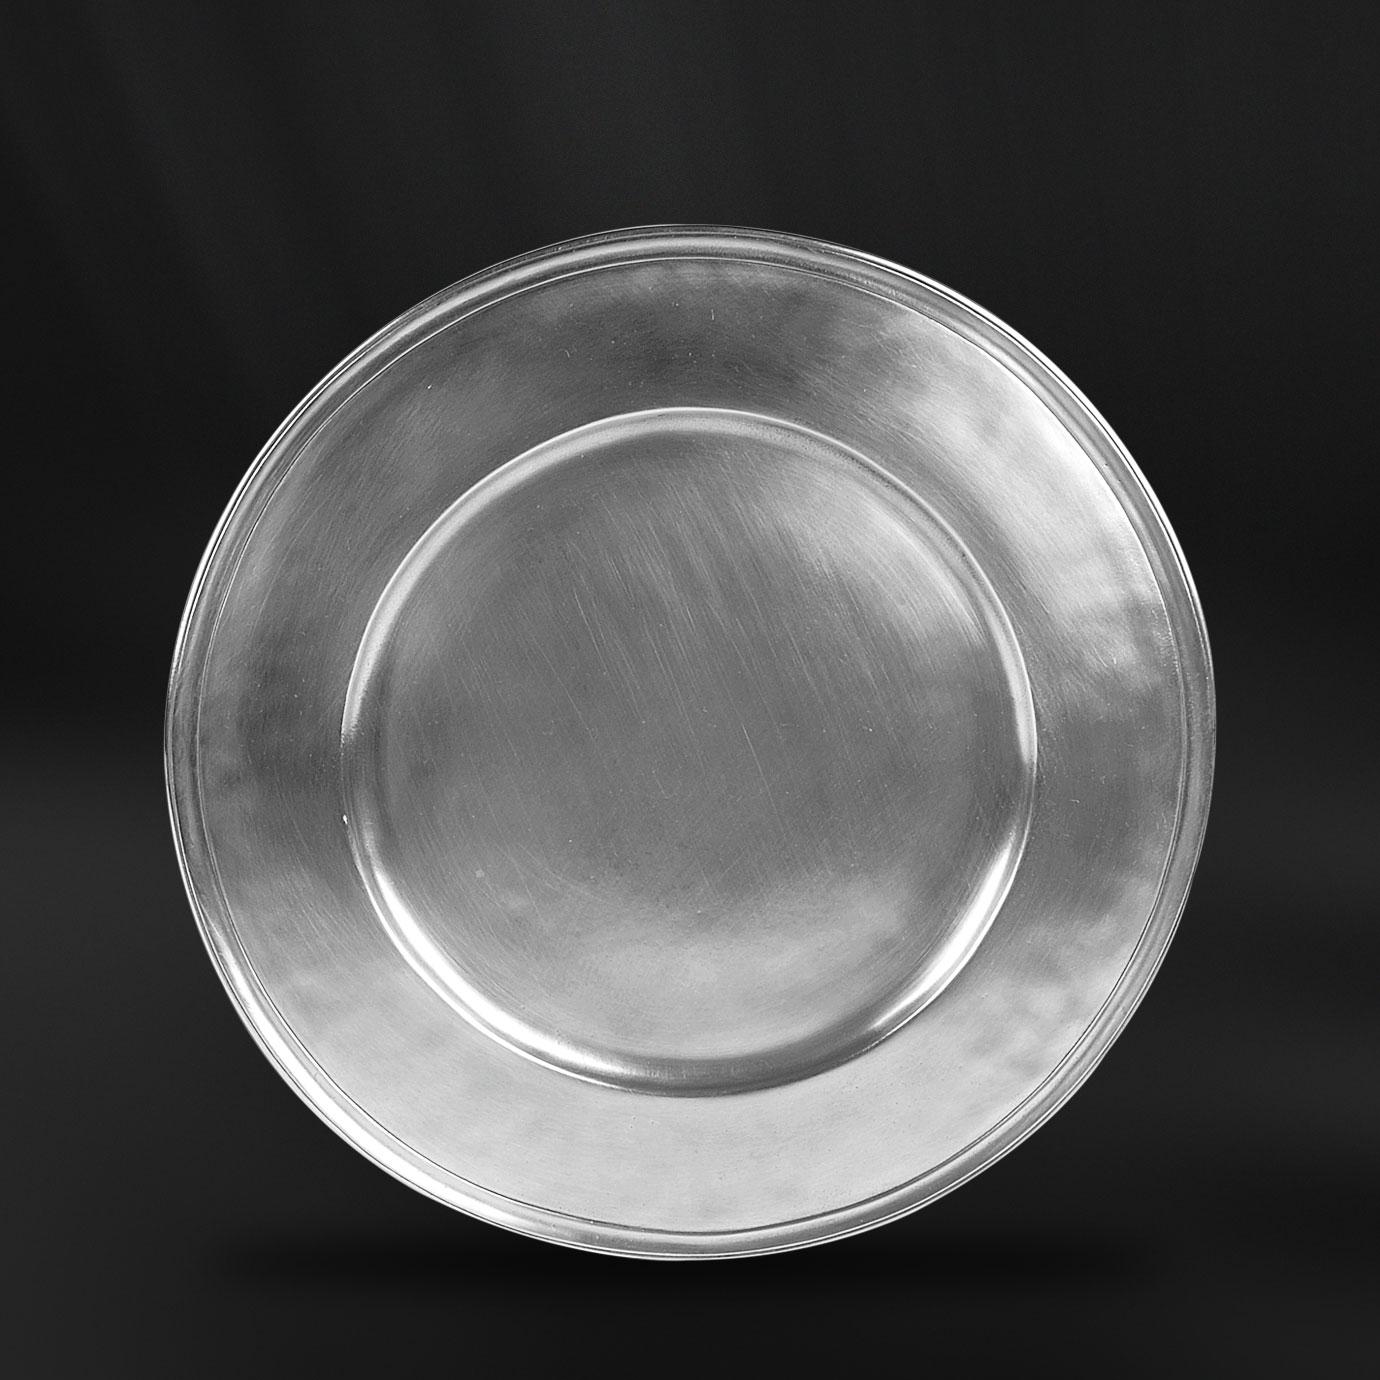 ASSIETTE PRESENTATION etain antique